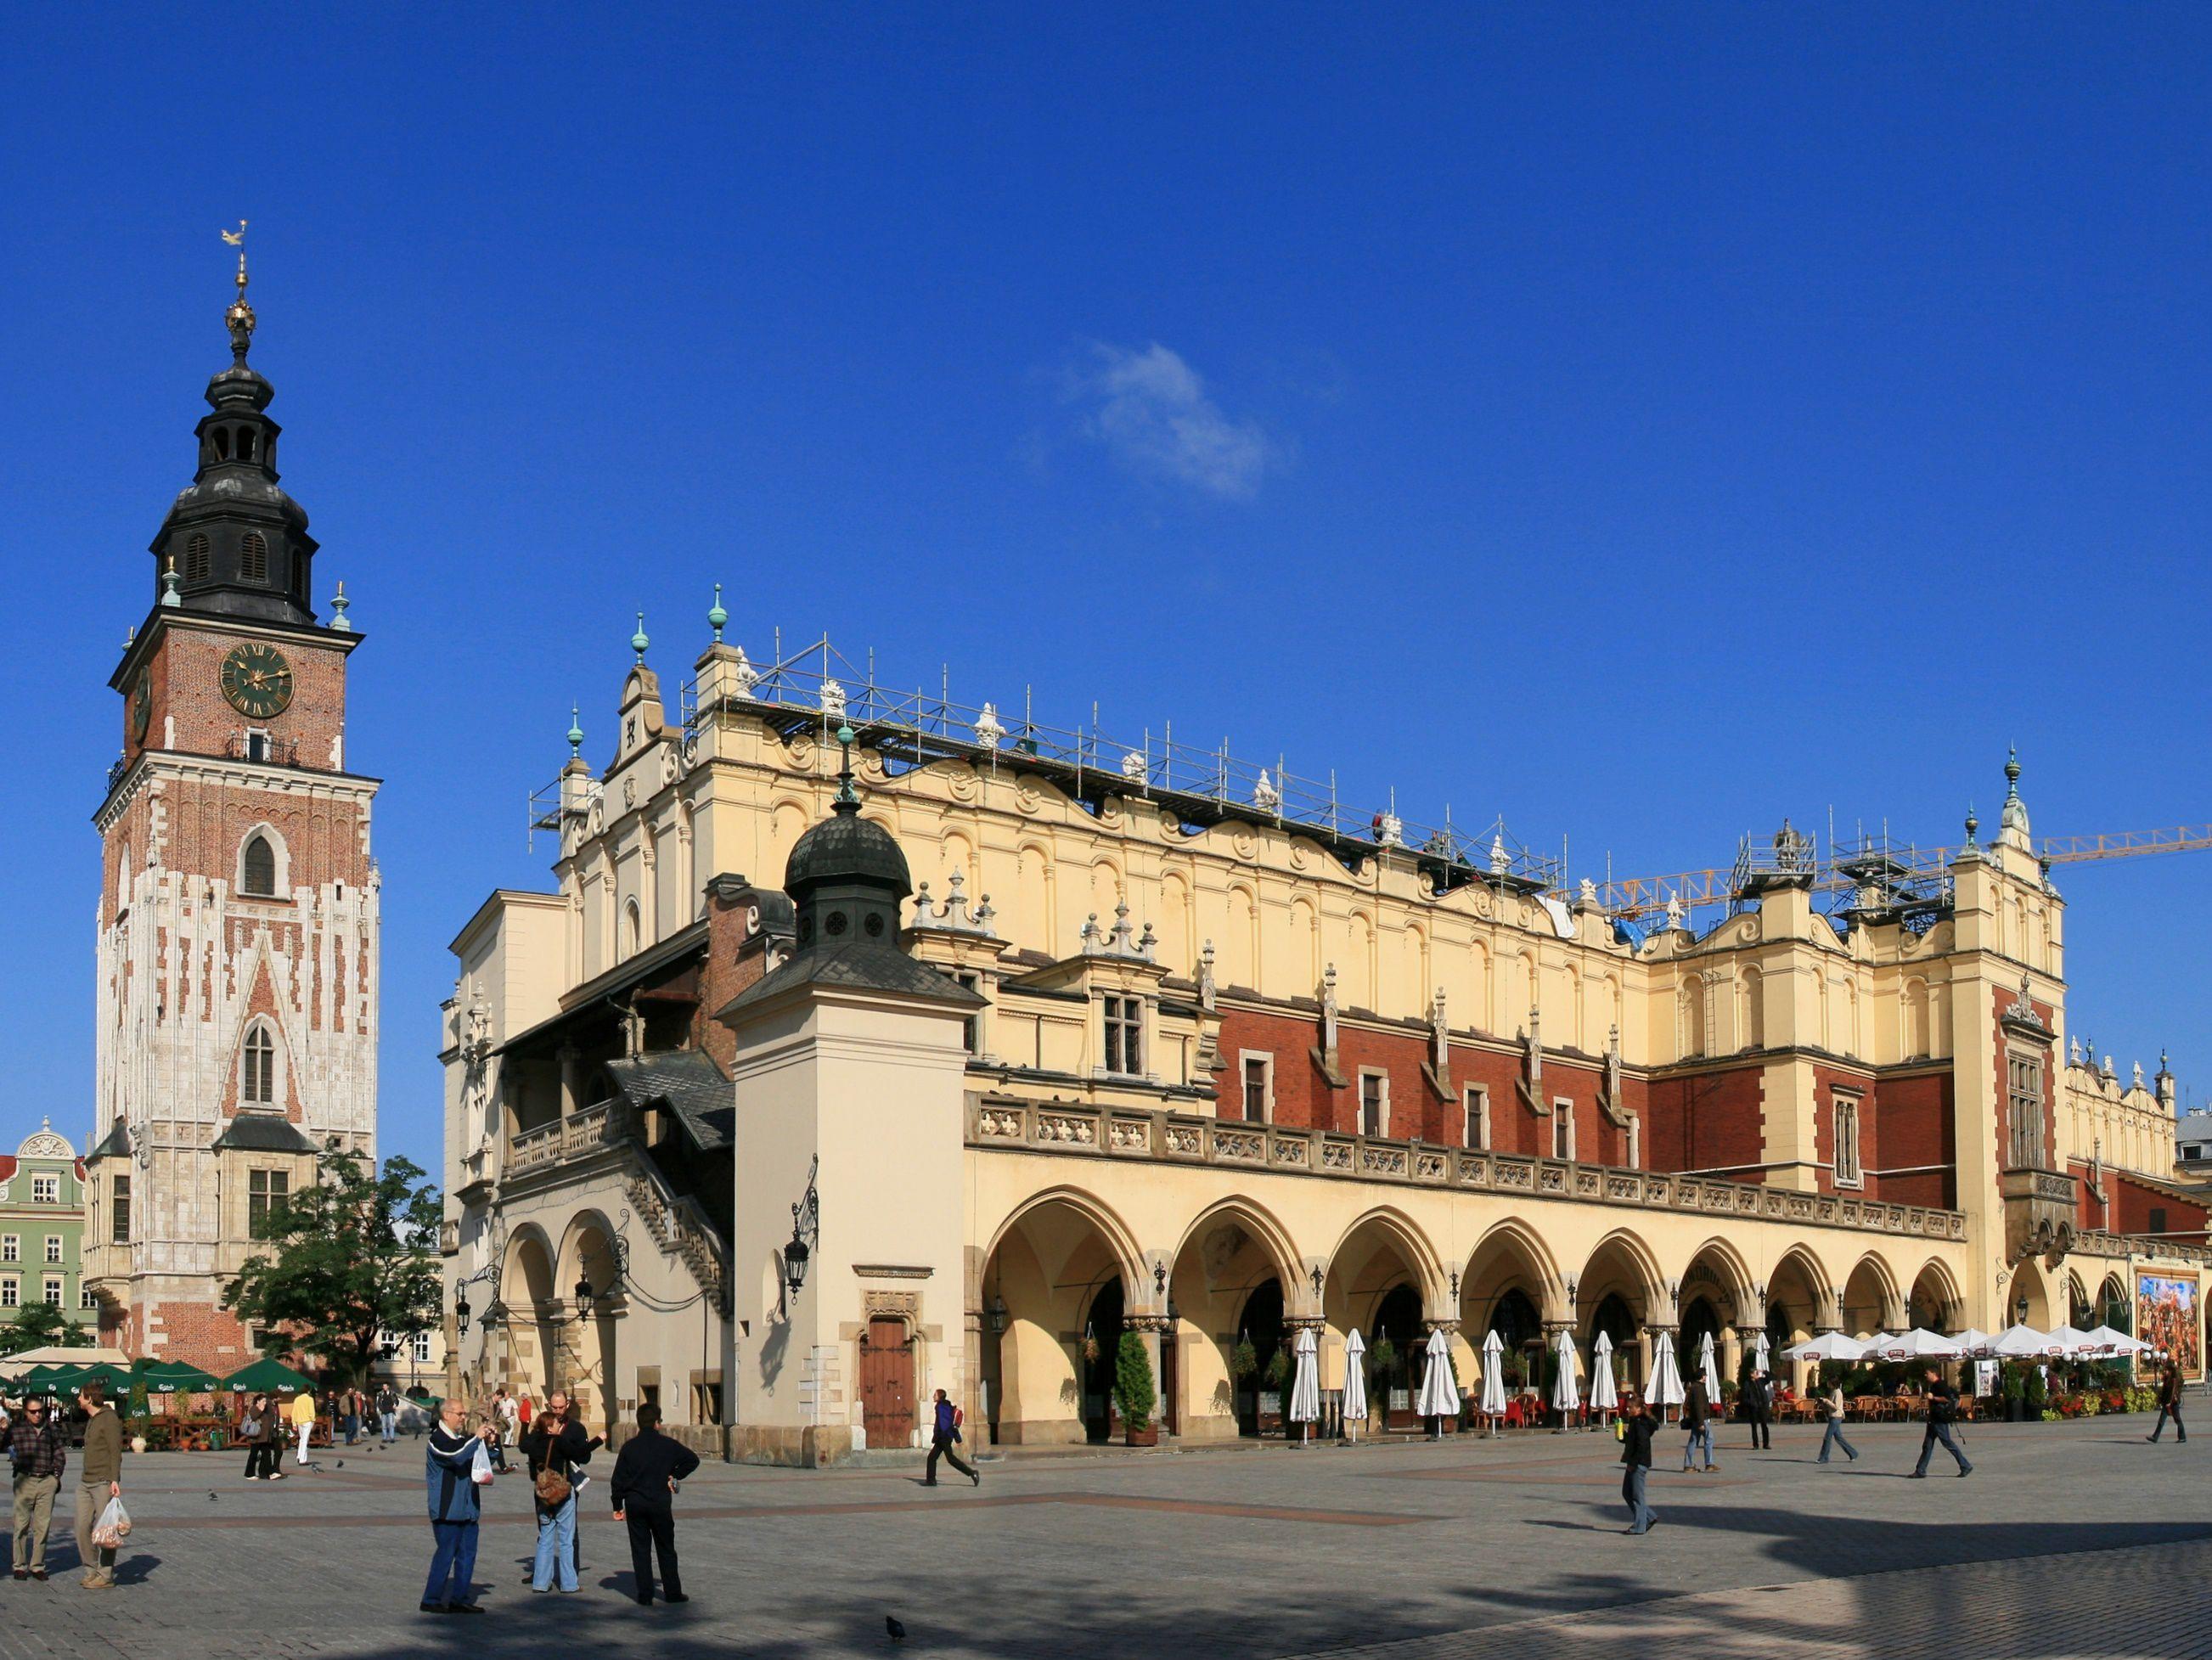 Krakow Computer Backgrounds 2605x1955